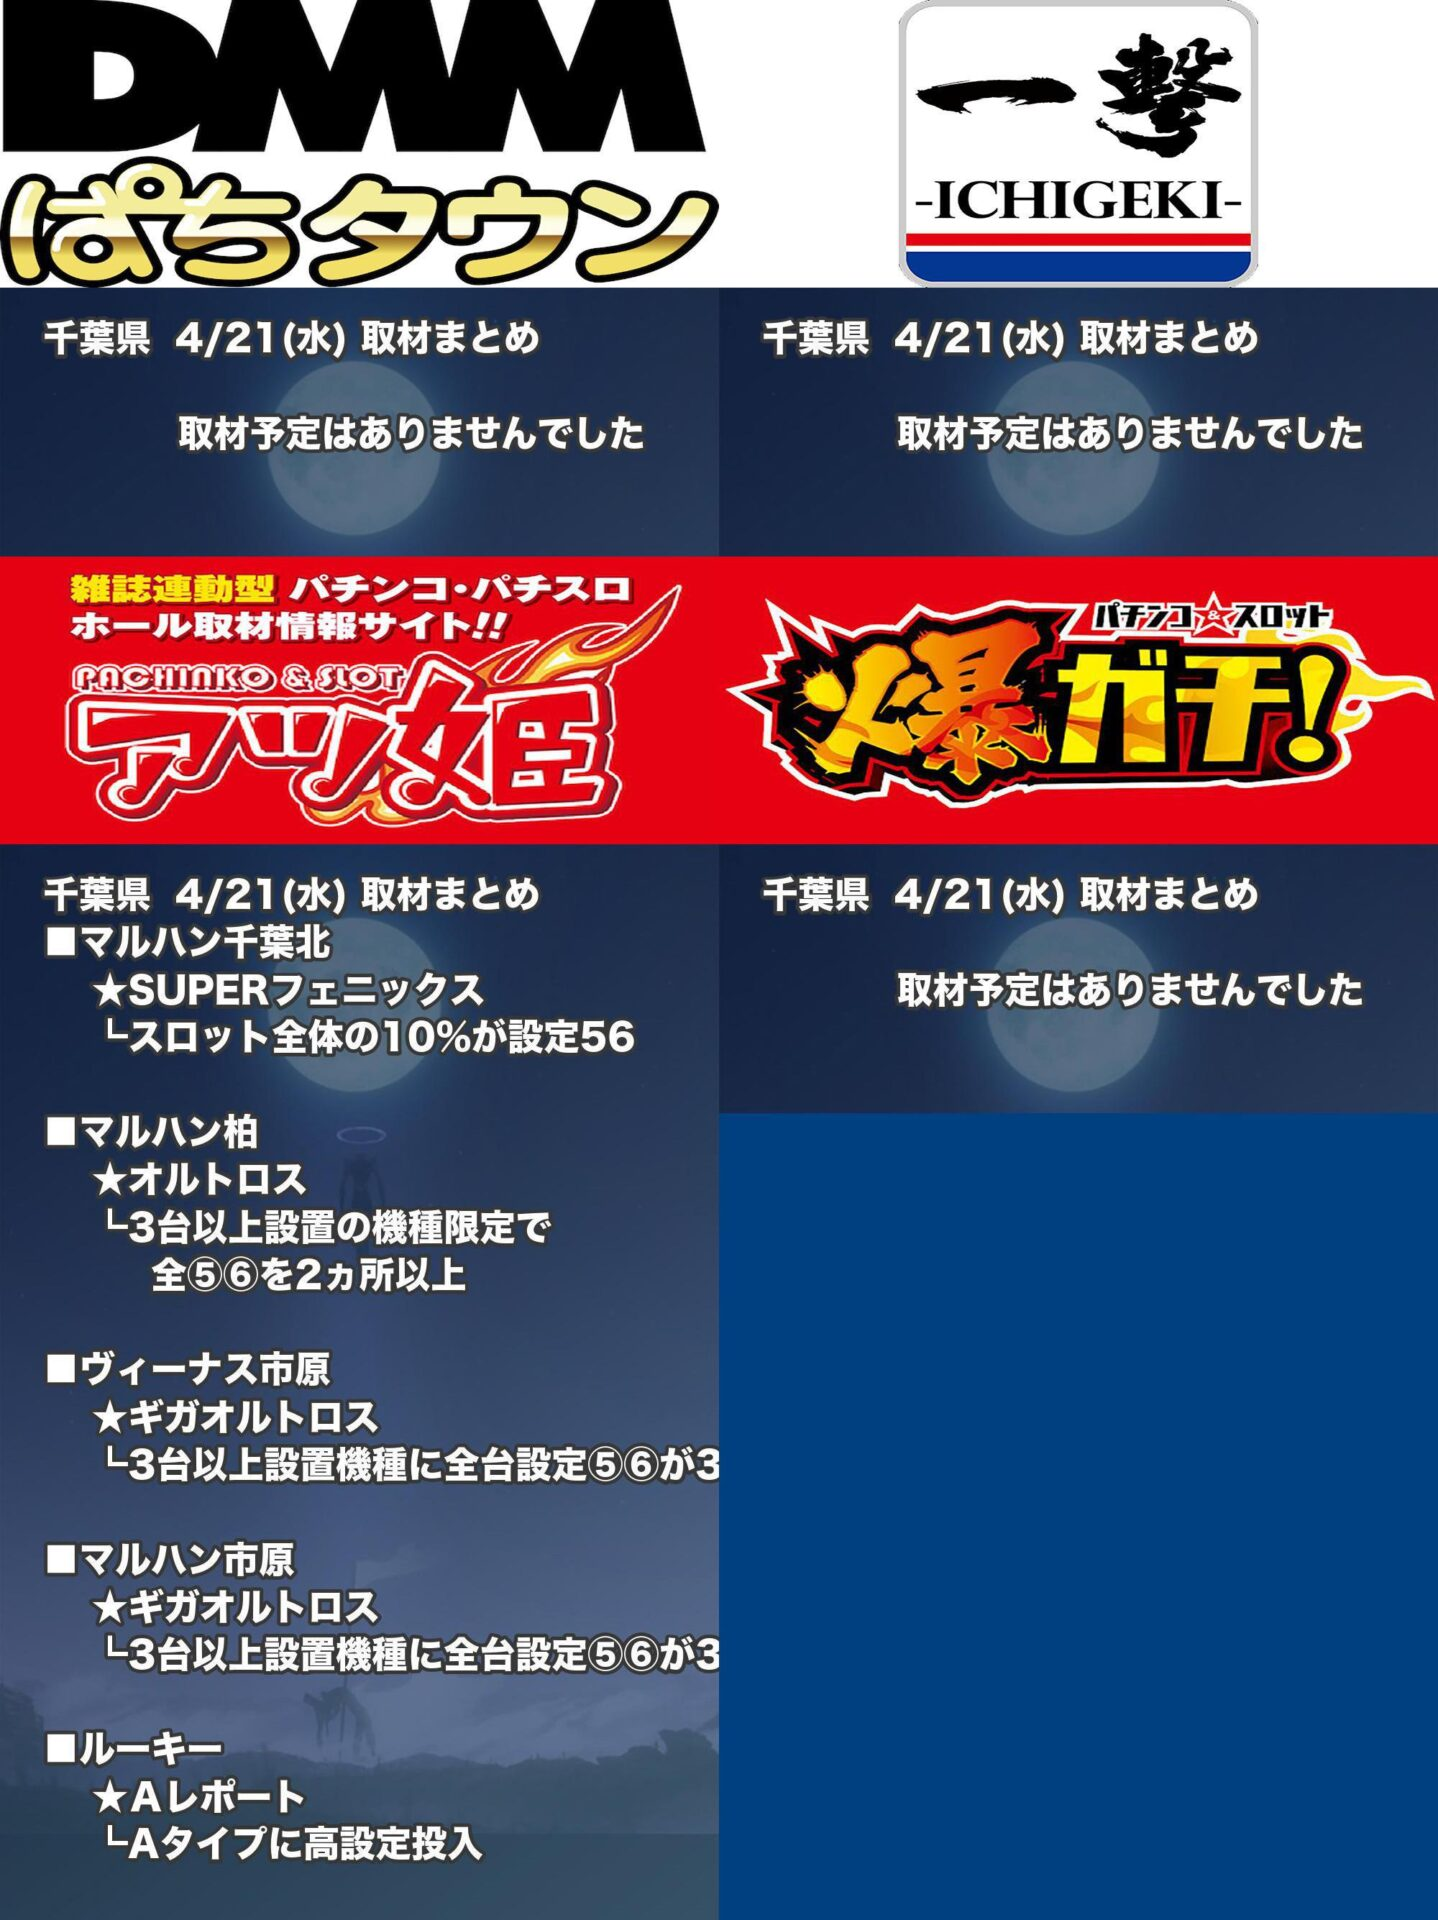 千葉県_2021-04-21_パチンコ・パチスロ